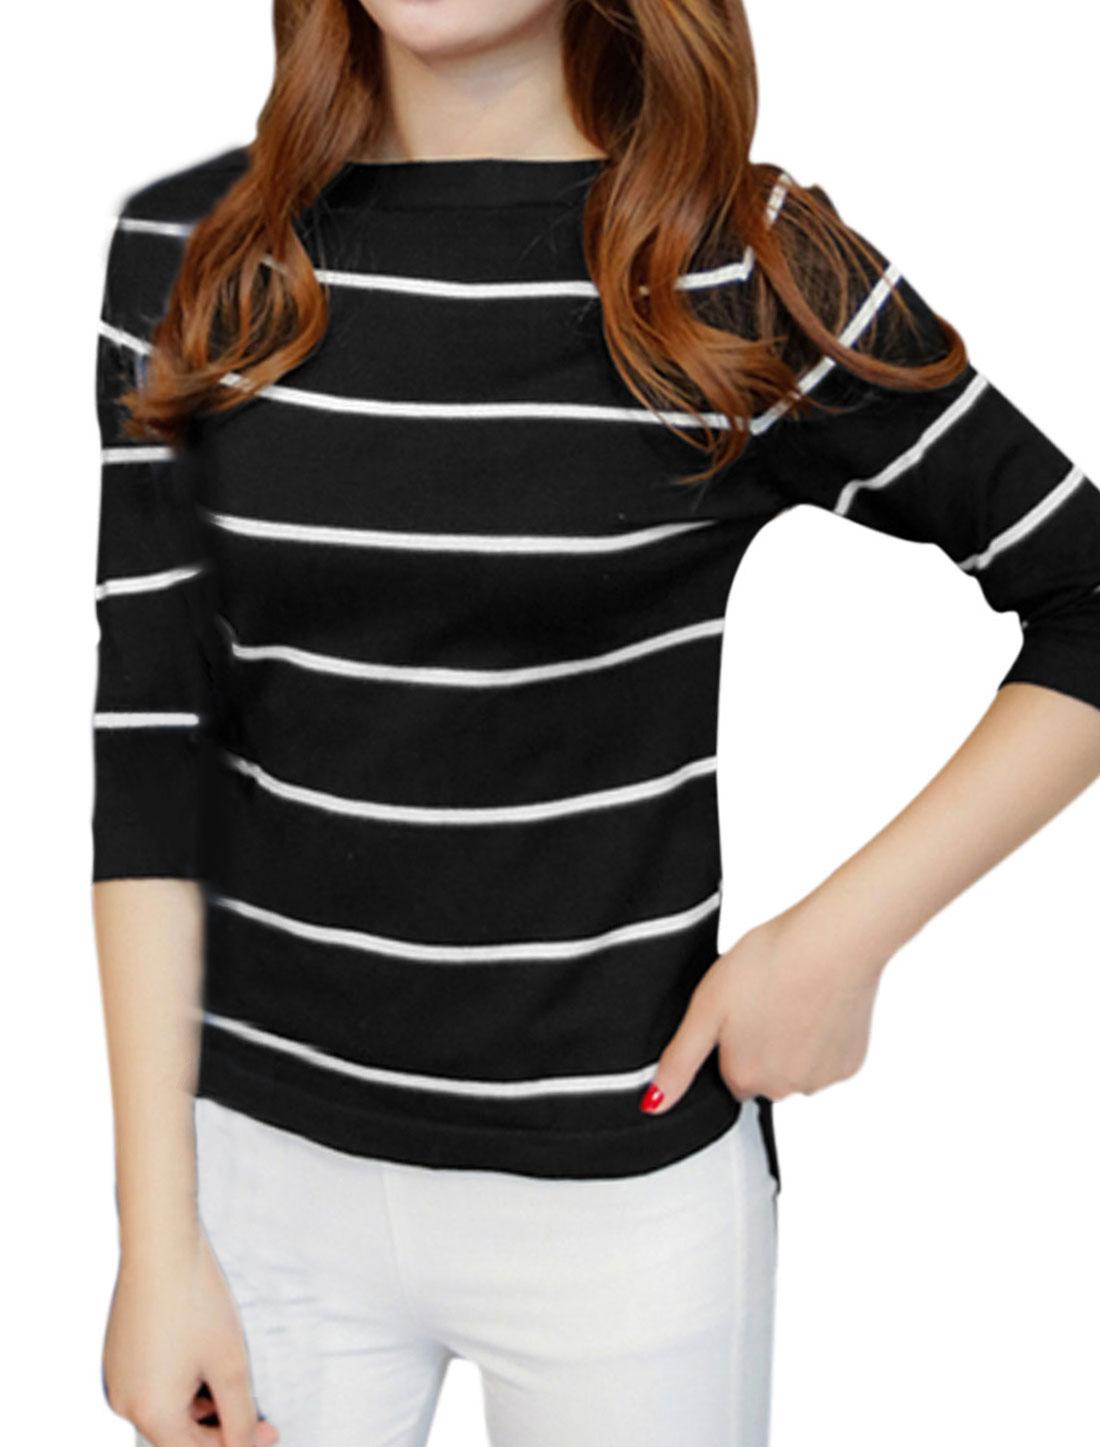 Women Boat Neck 3/4 Sleeves Low High Hem Stripe Knit Top Black XS